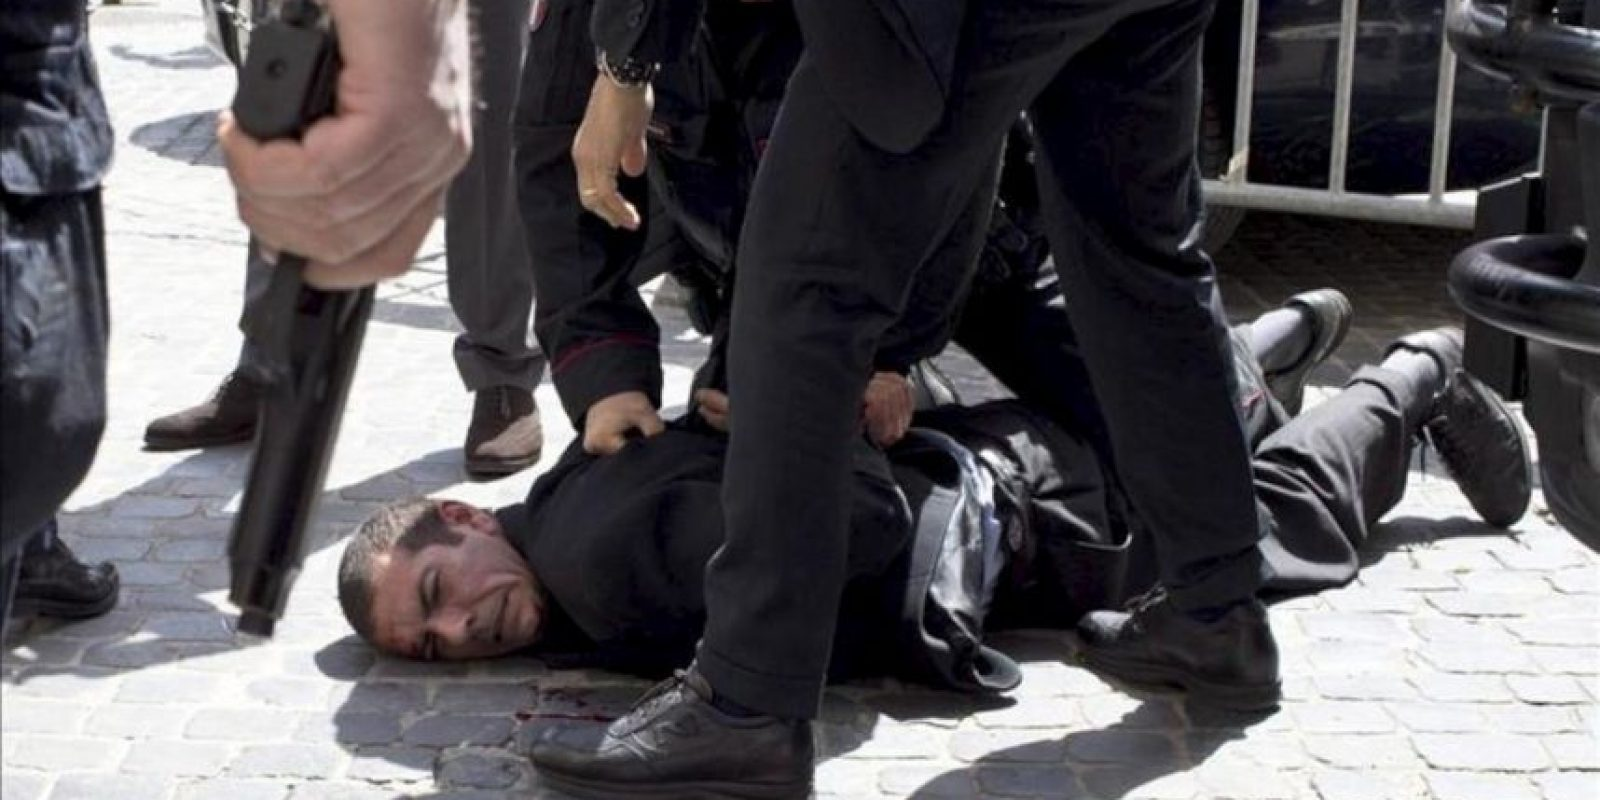 Dos carabineros (policía militarizada) y una mujer resultaron heridos en un tiroteo registrado hoy ante la sede del Gobierno italiano, mientras Enrico Letta juraba su cargo como nuevo primer ministro en otro edificio, informaron medios de comunicación locales.EFE